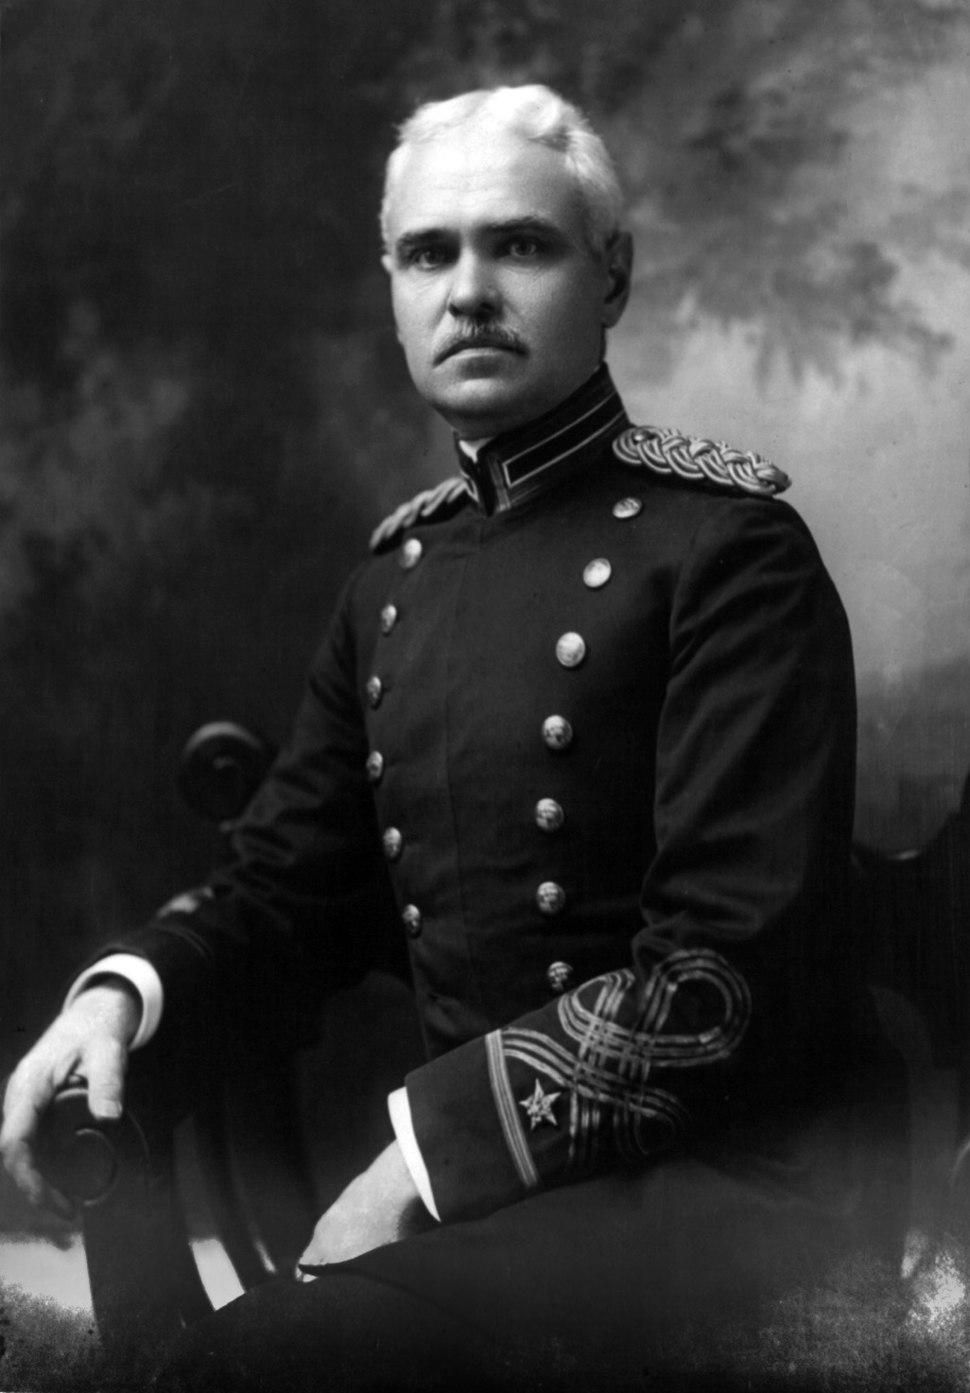 George W. Goethals cph.3a02121